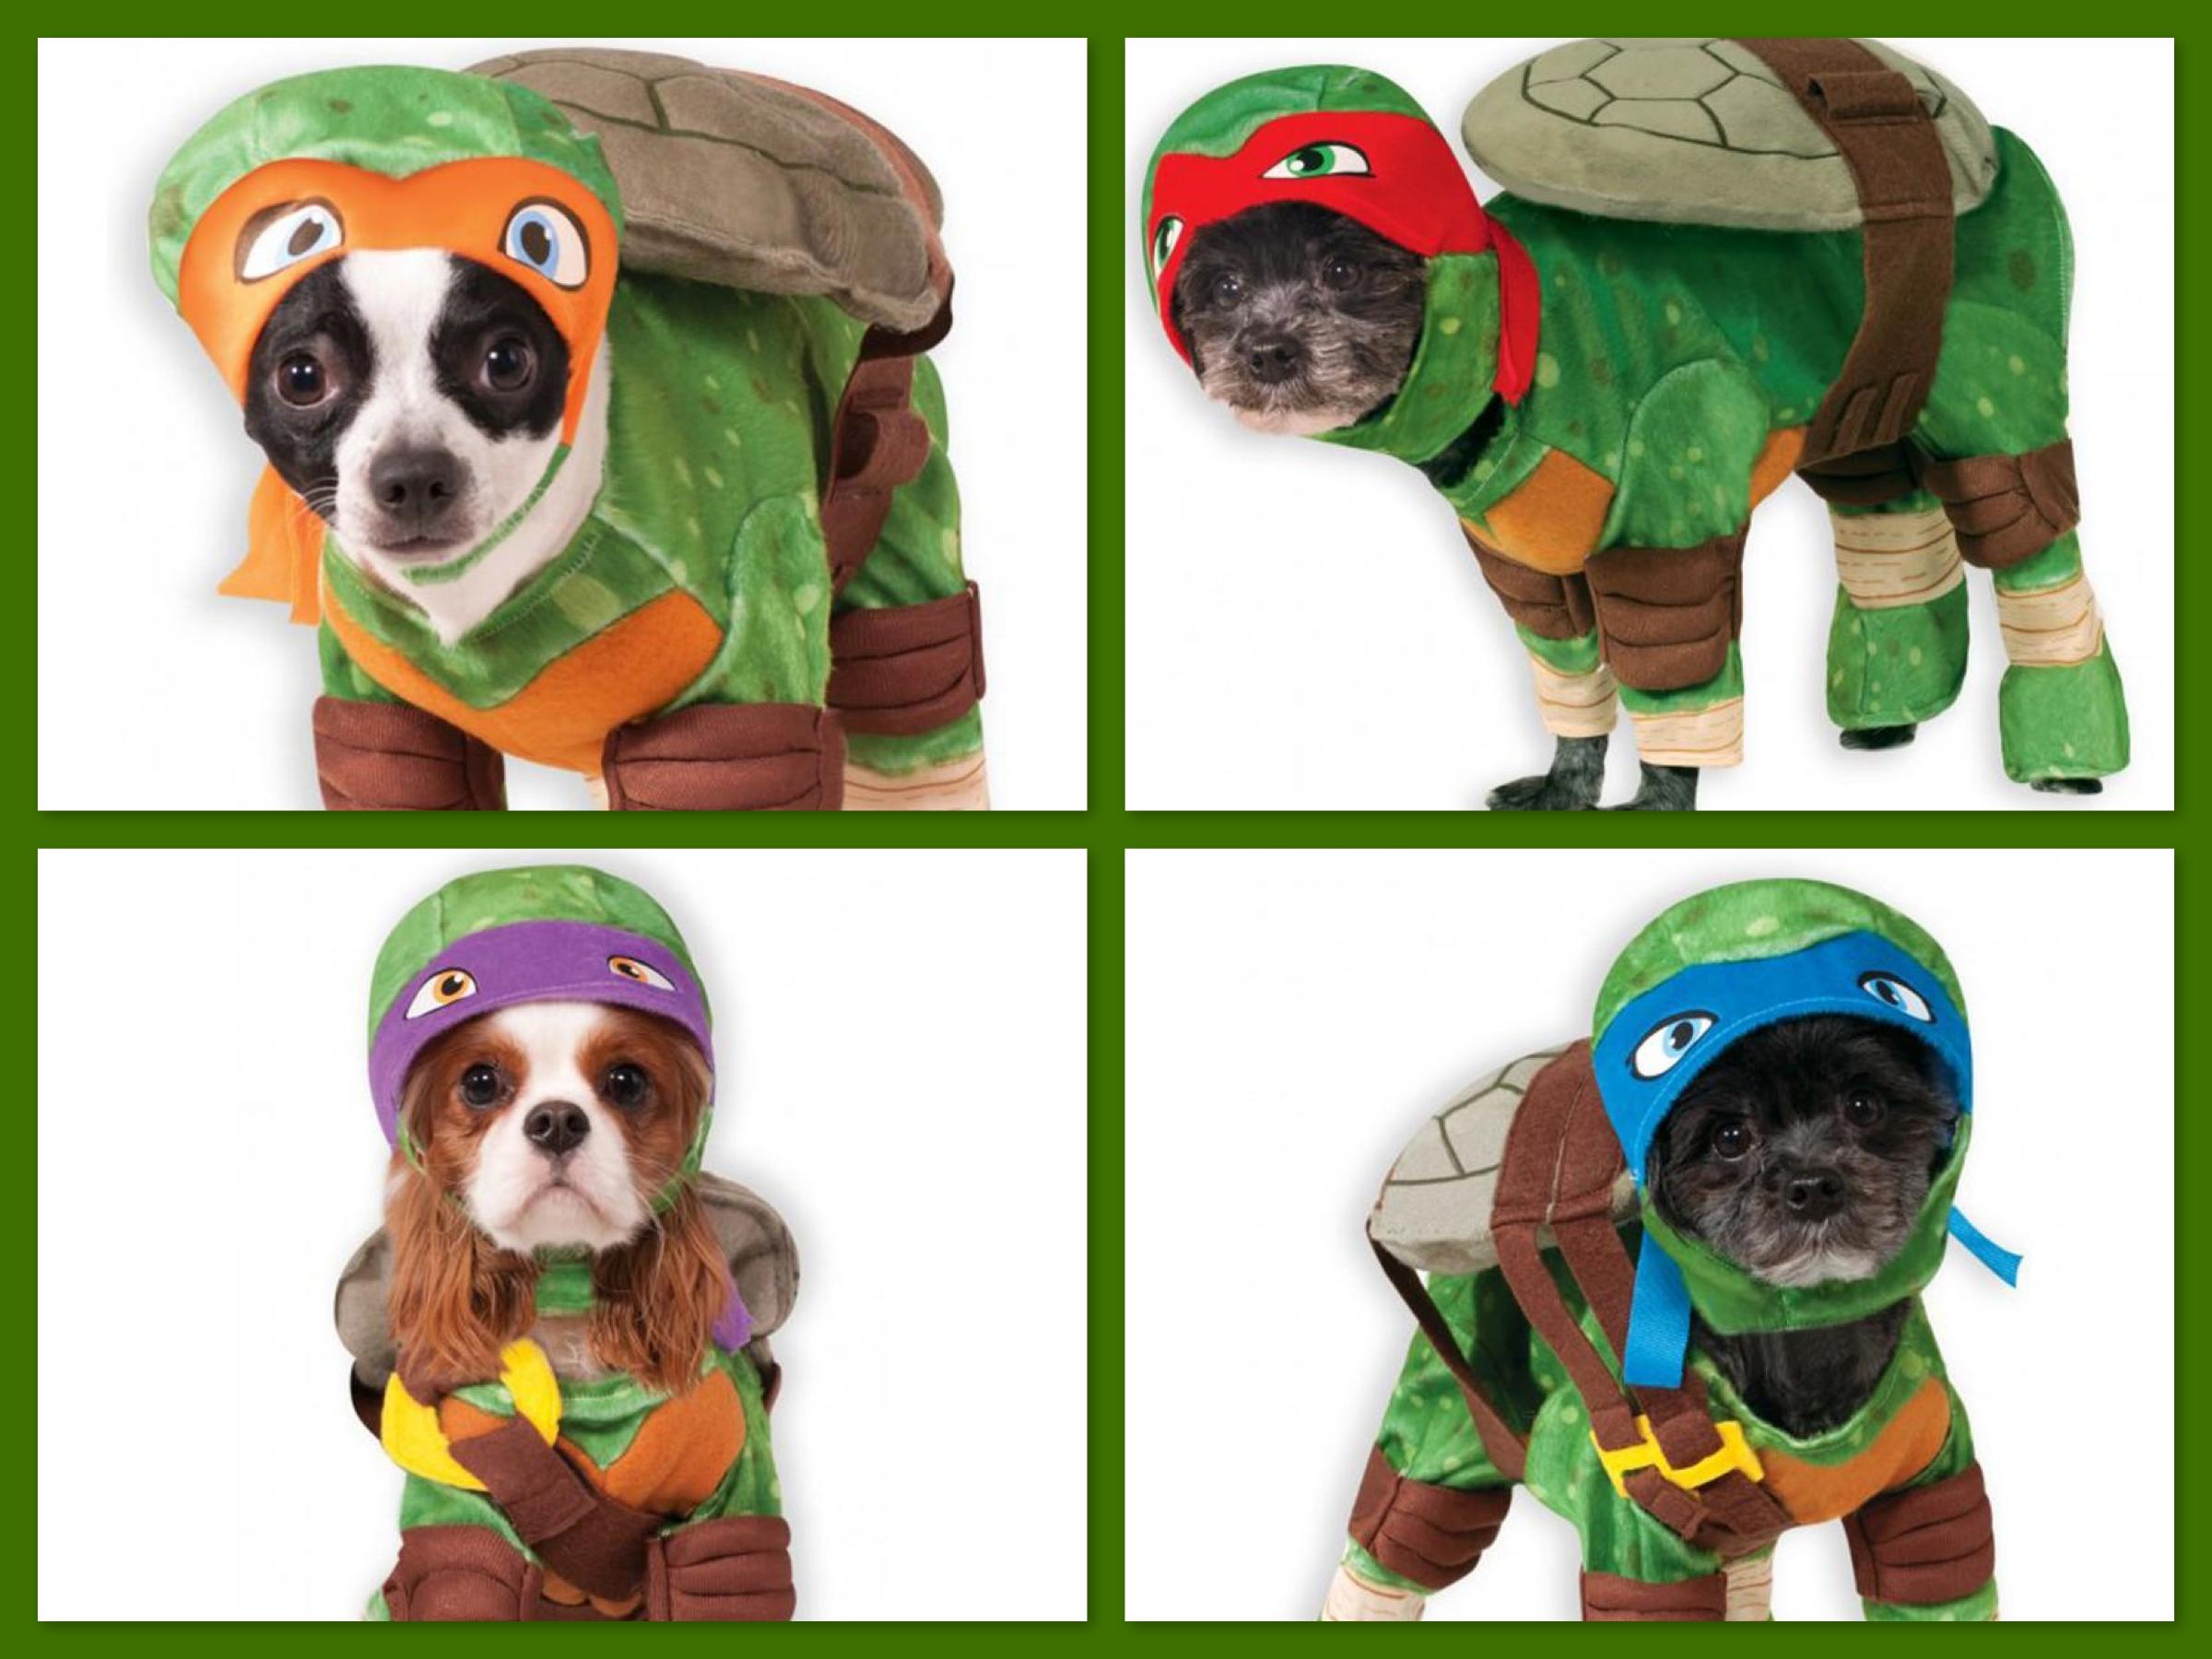 Teenage Mutant Ninja Turtle Pet Costumes, Dog Turtle Halloween Costumes